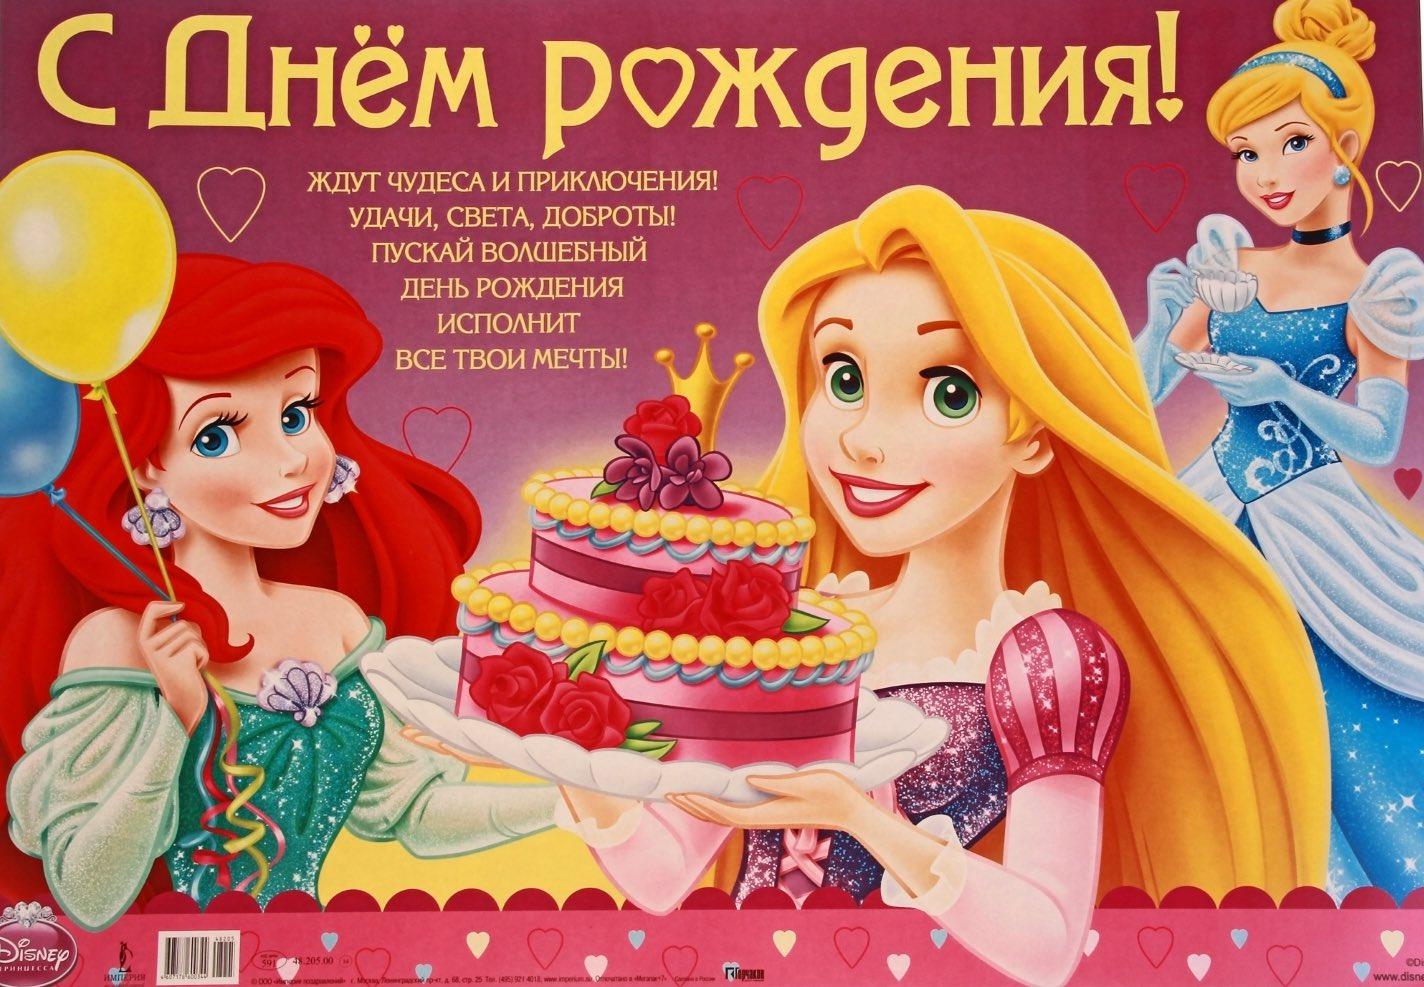 Машина картинка, поздравление принцессе с днем рождения картинки